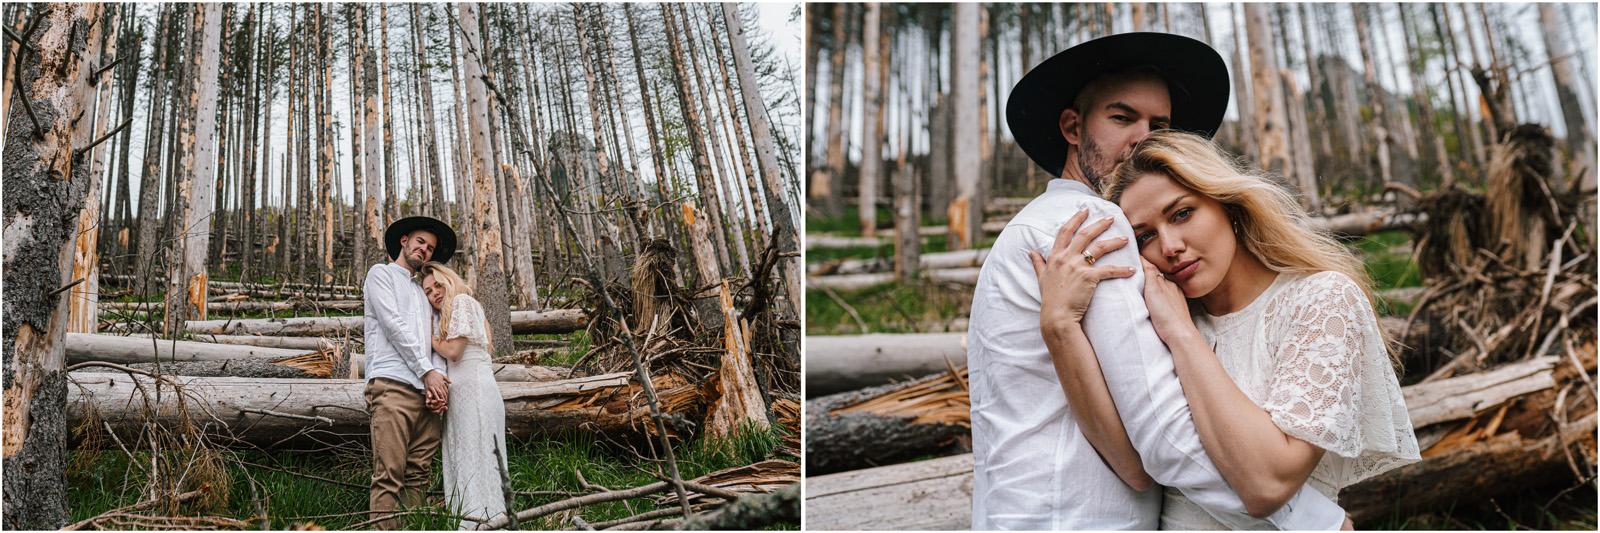 Amanda & Błażej | ślub i sesja w górach 80